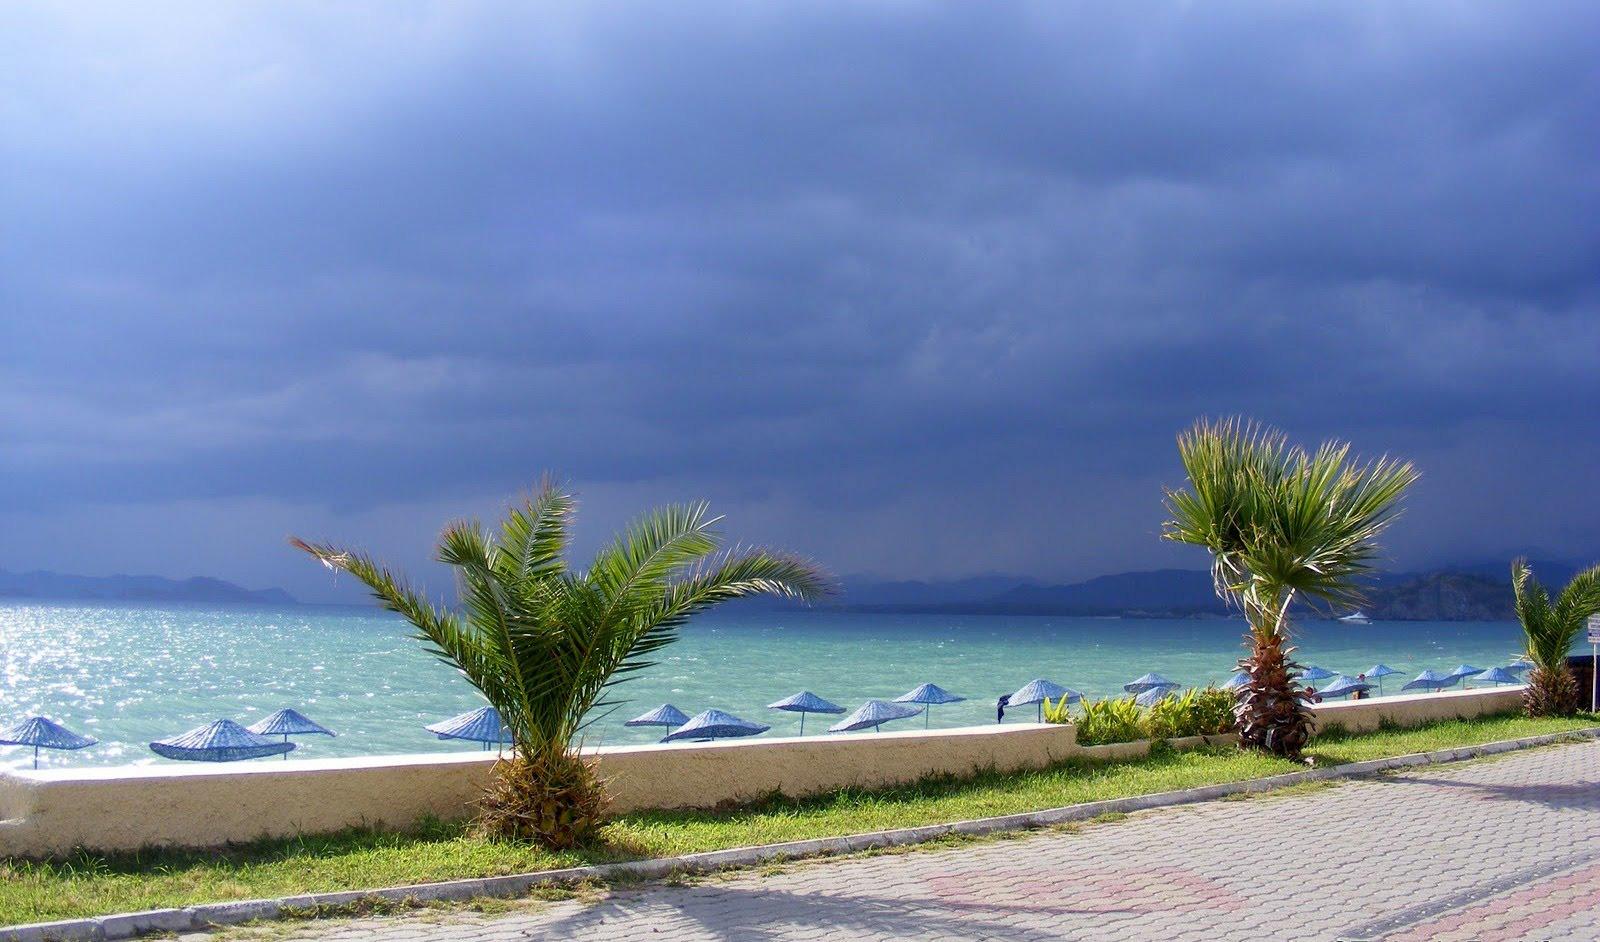 Пляж Чалыш в Турции, фото 1